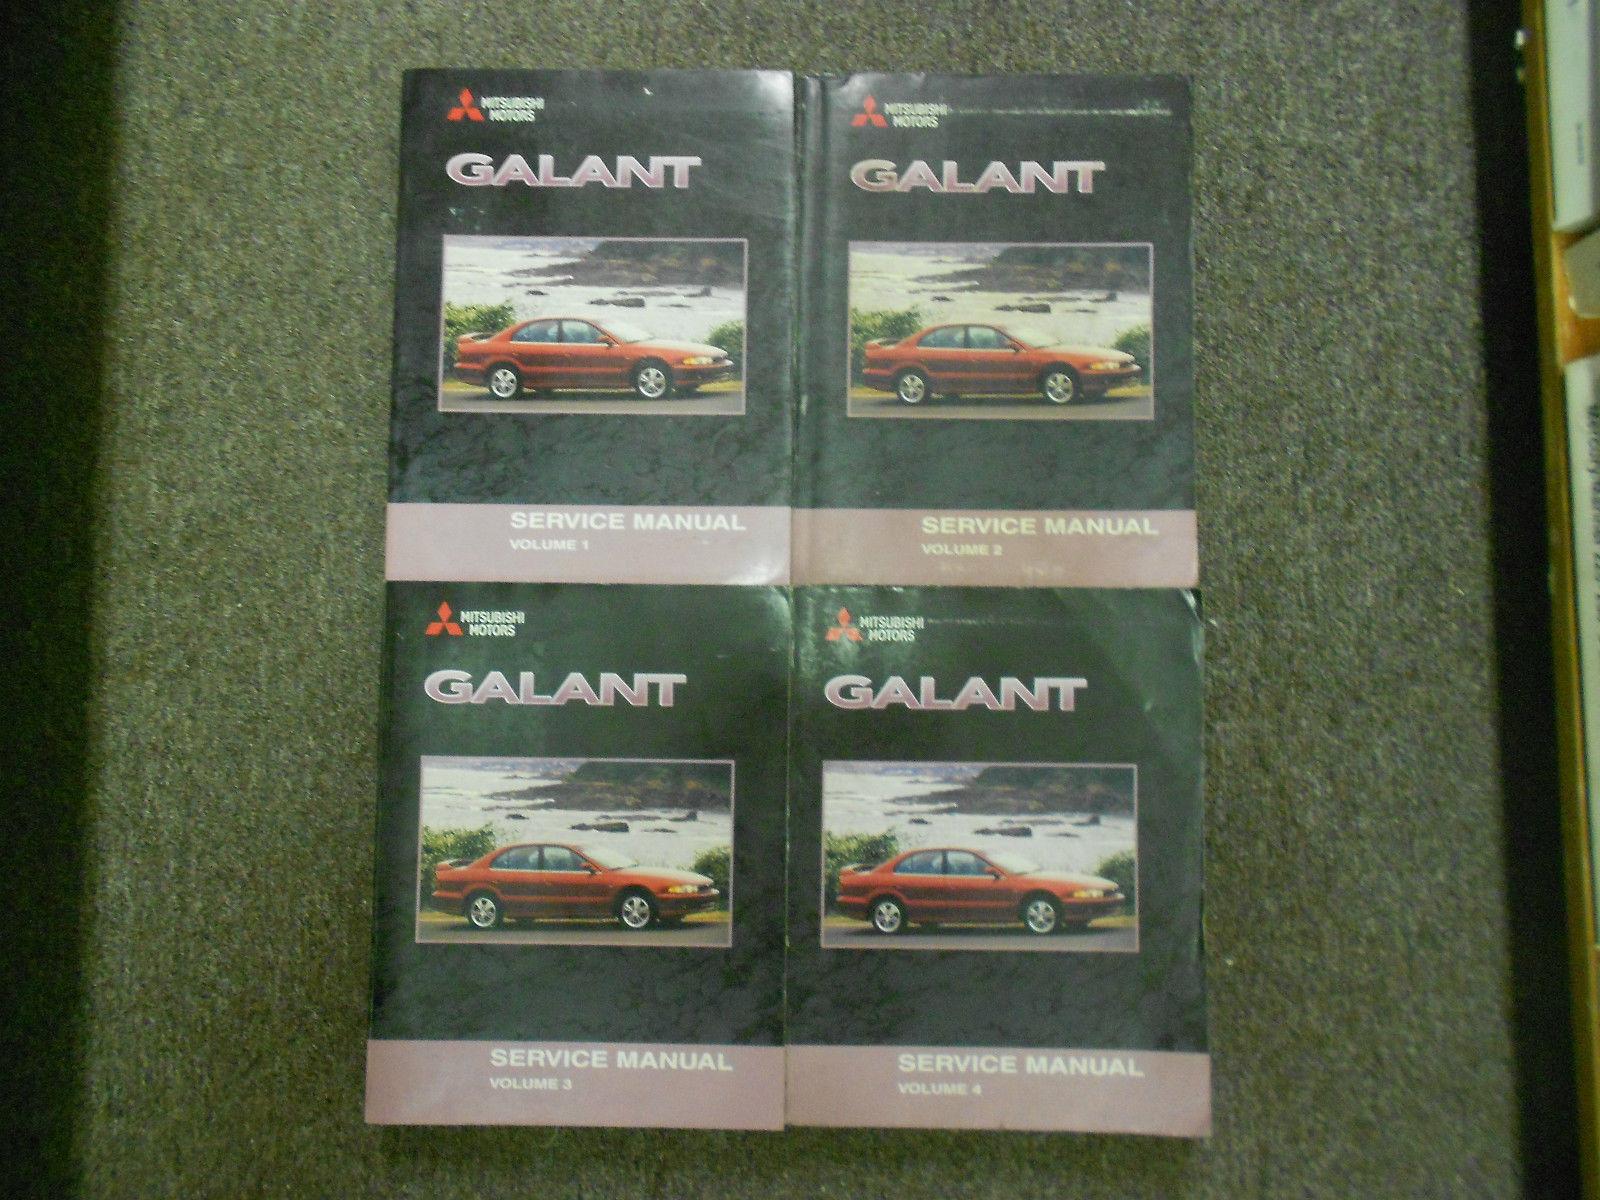 2001 MITSUBISHI Galant Service Repair Shop Manual FACTORY OEM SET BOOK x 4 VOL